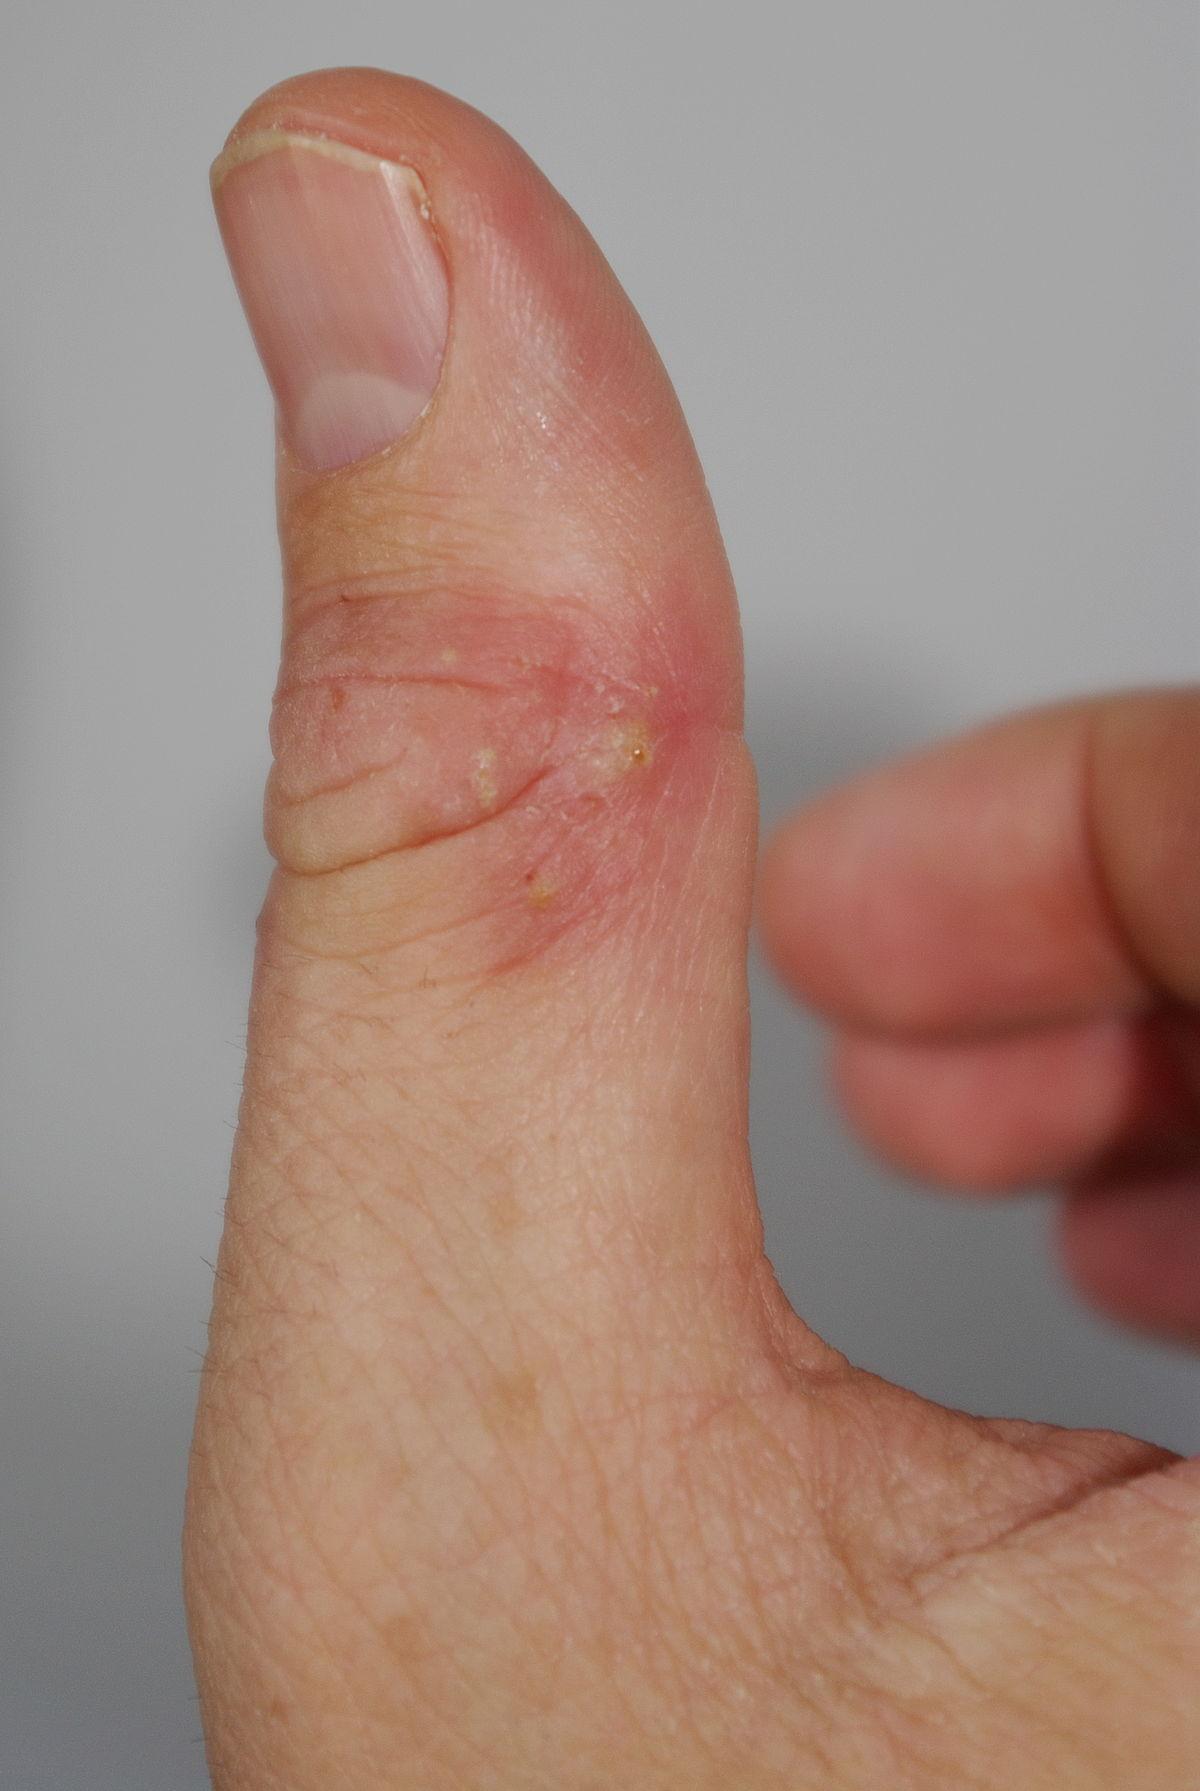 infektion i fingerled